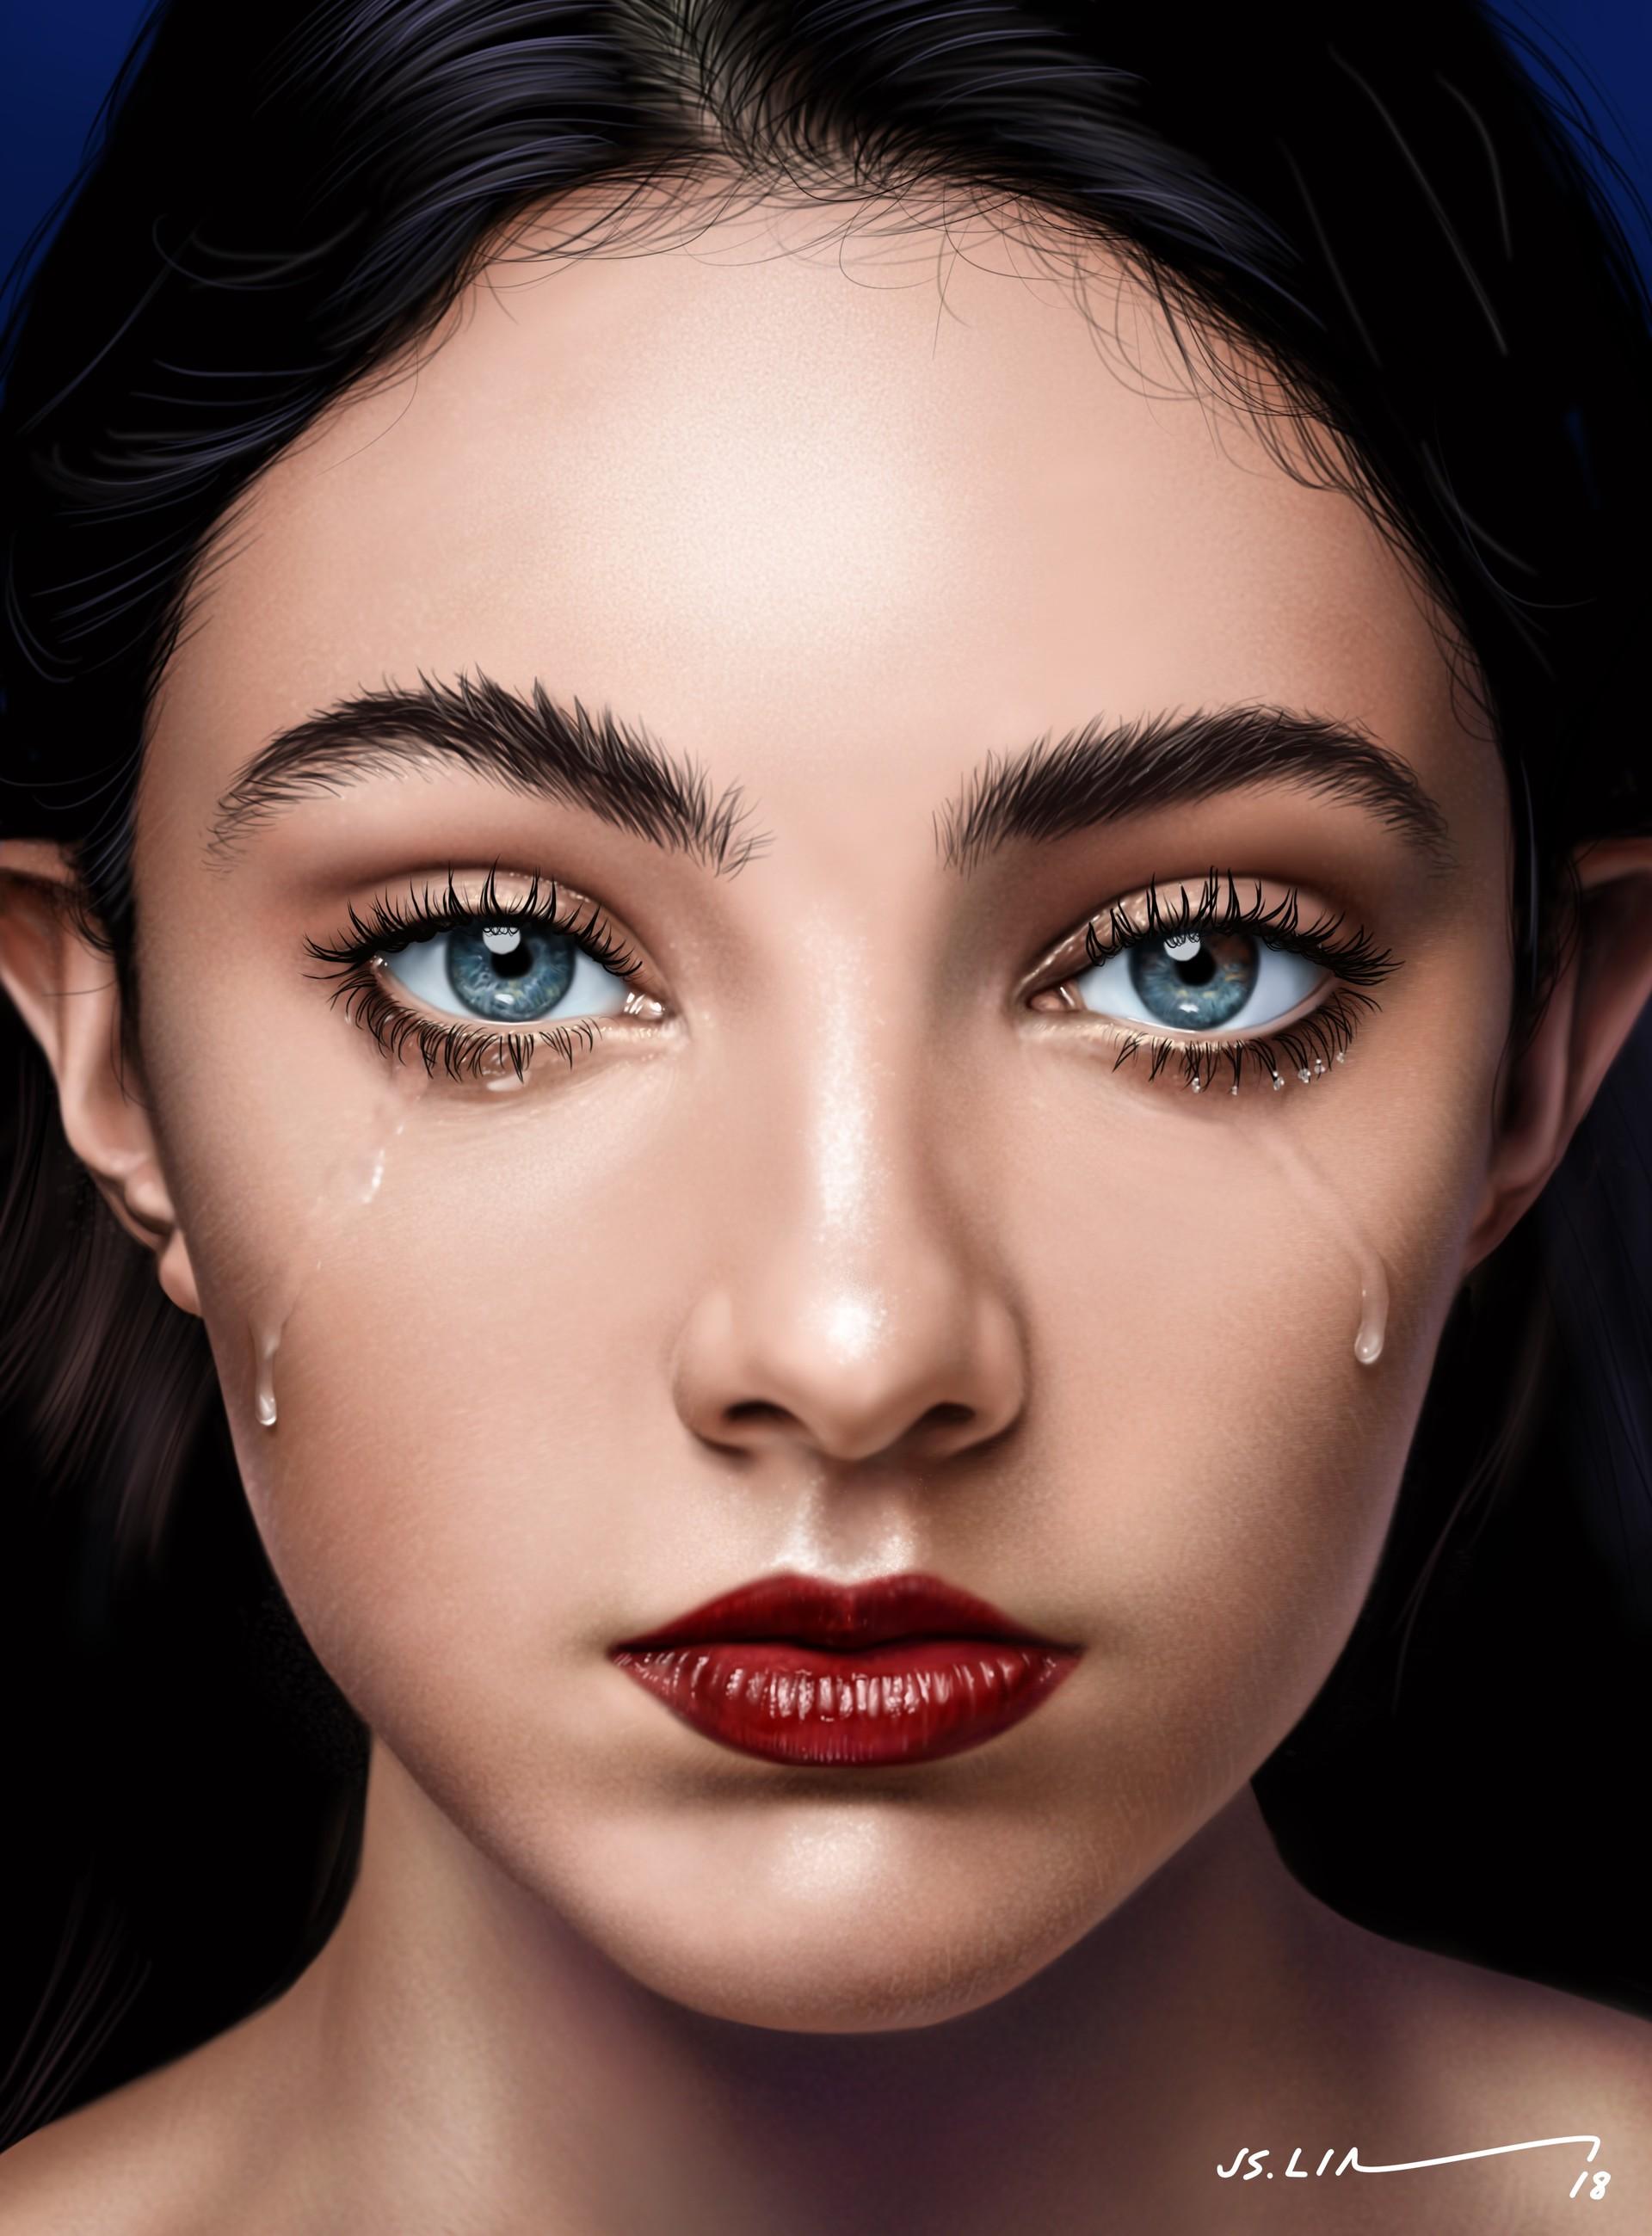 Фото Девушка со слезами на лице, by Jinsung Lim